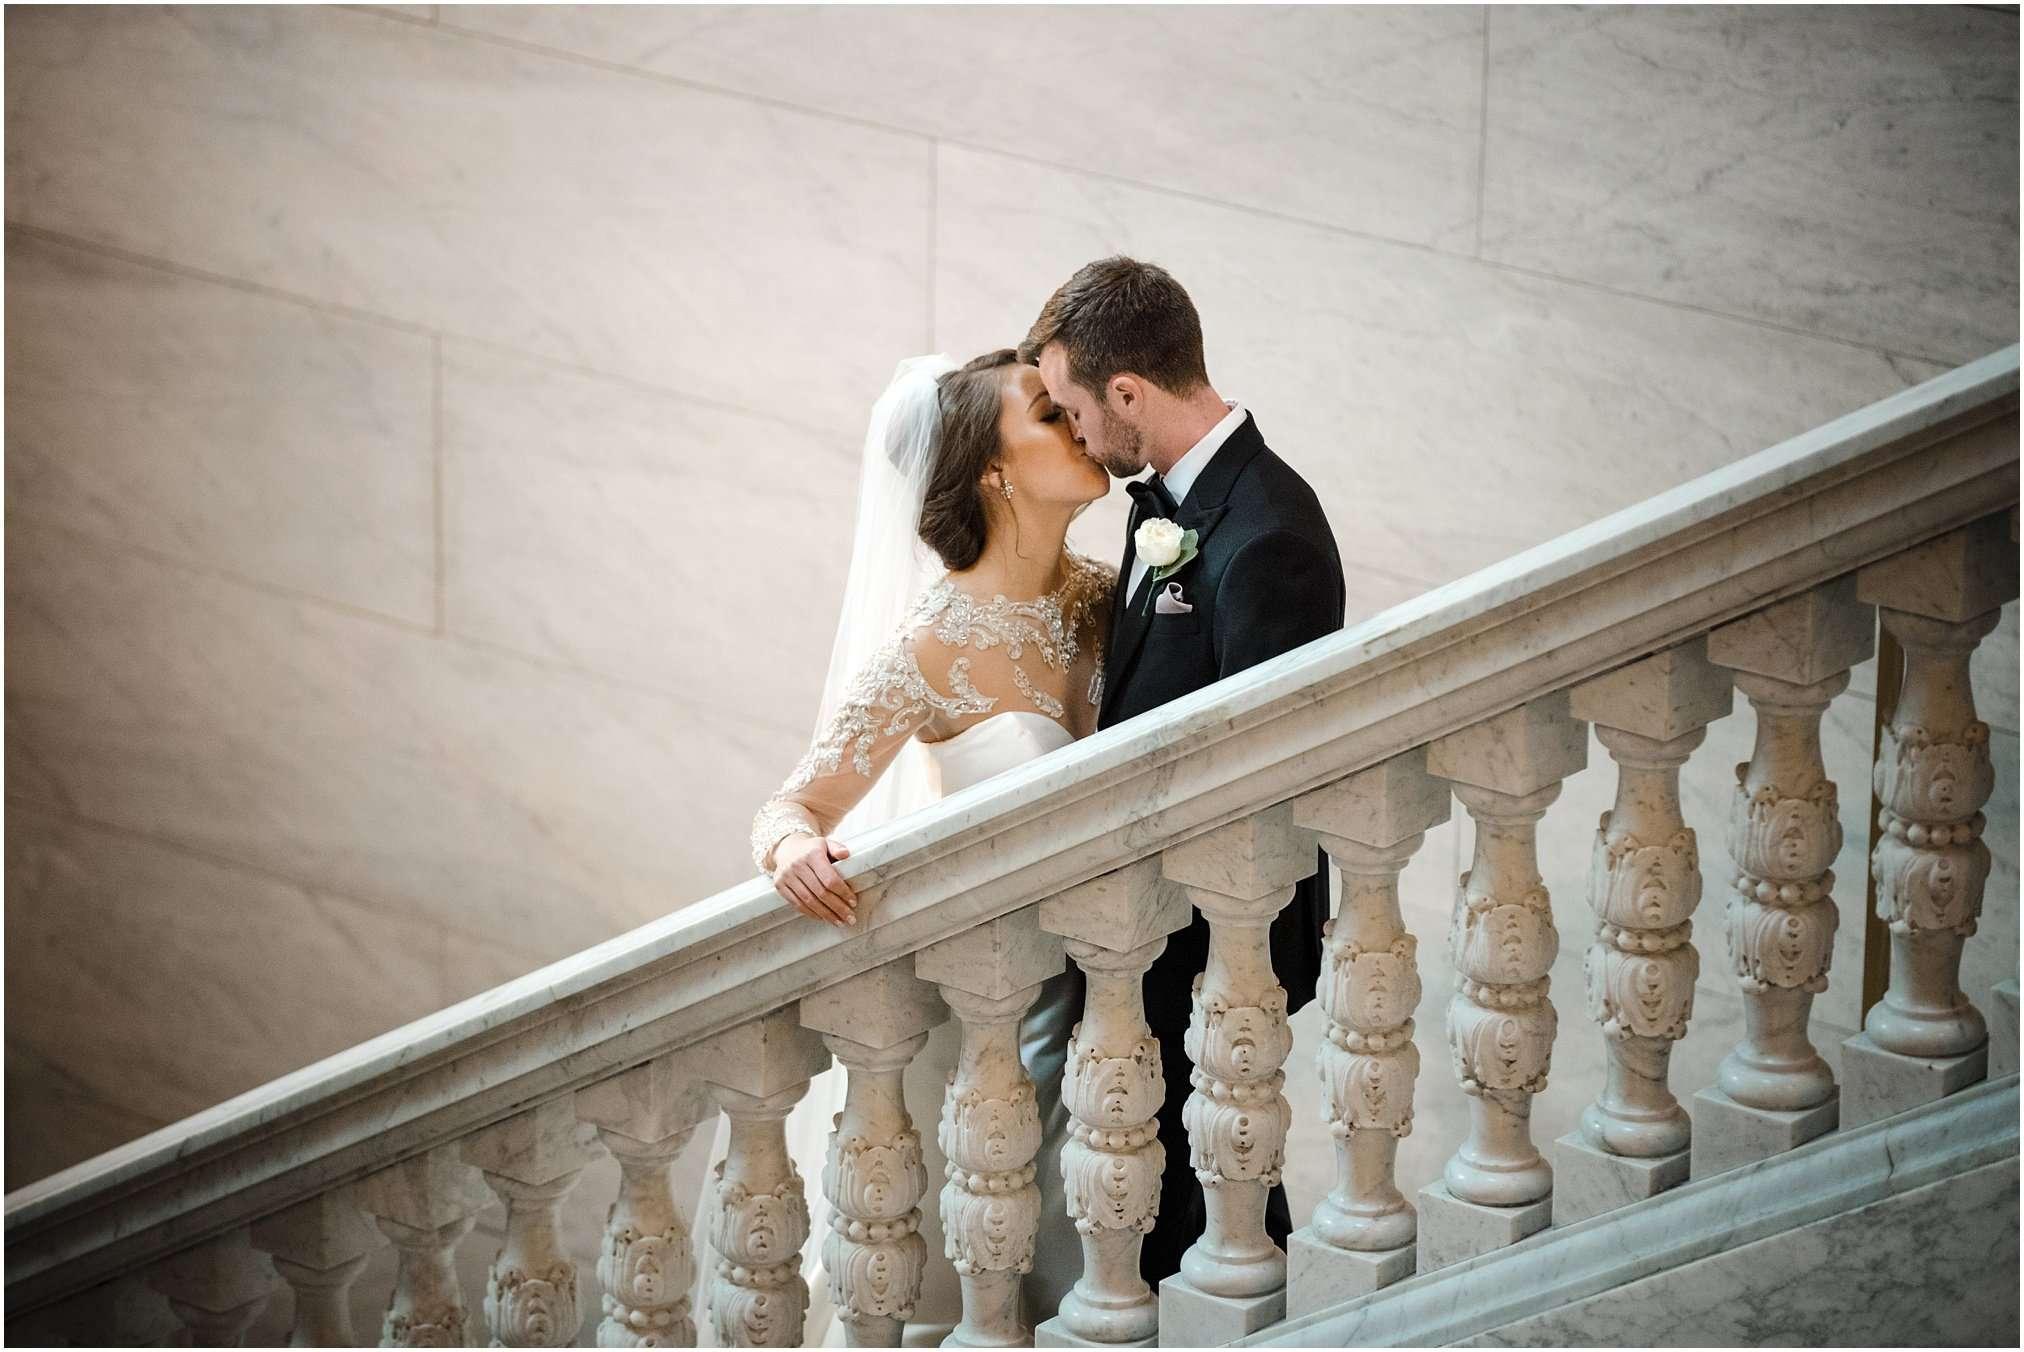 Spring Wedding at the Ohio Statehouse | Columbus Ohio Photography 110